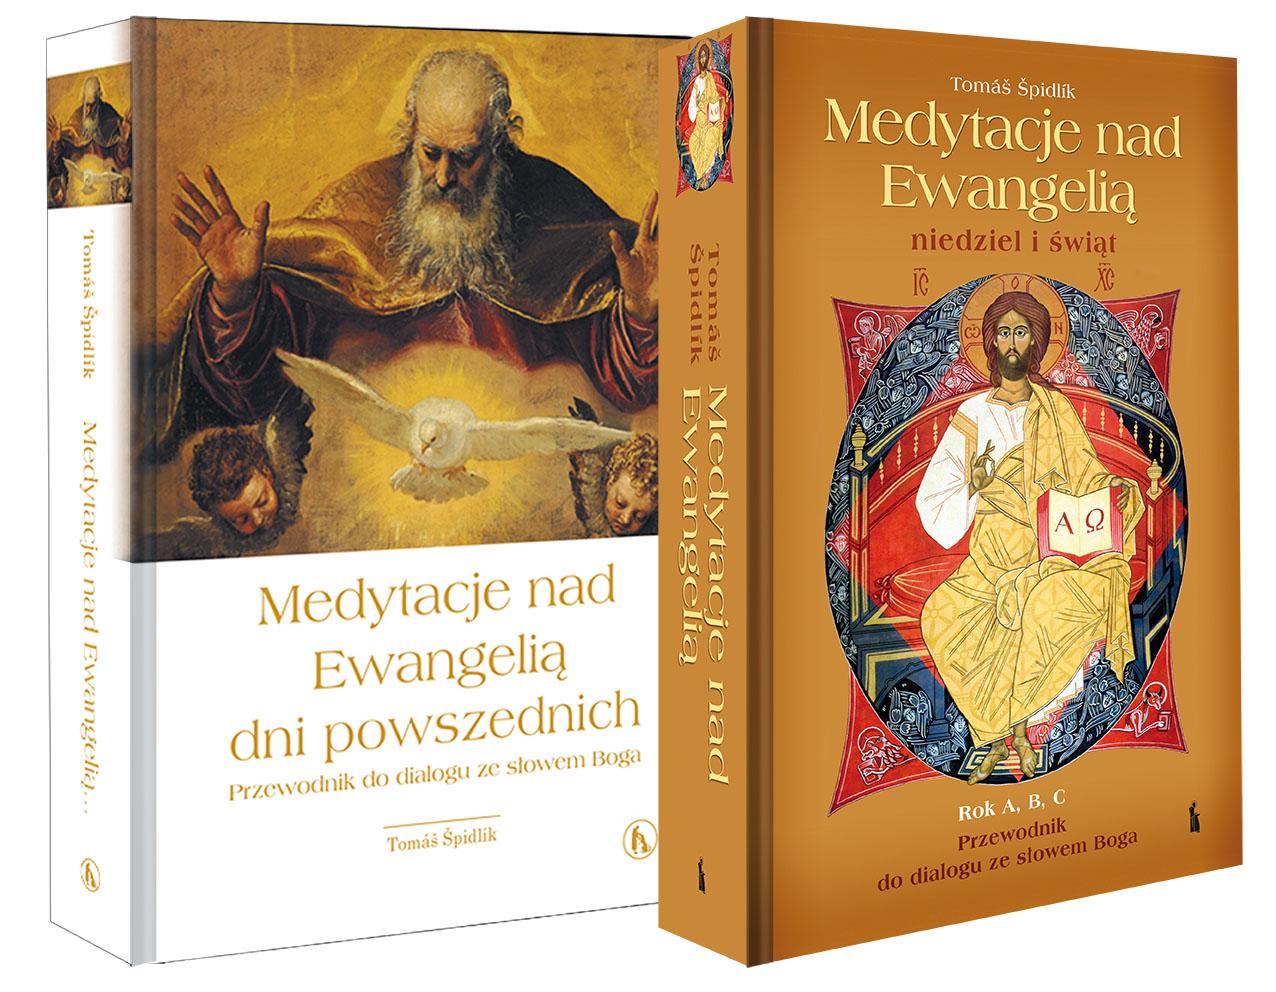 Zestaw książek Medytacje nad Ewangelią